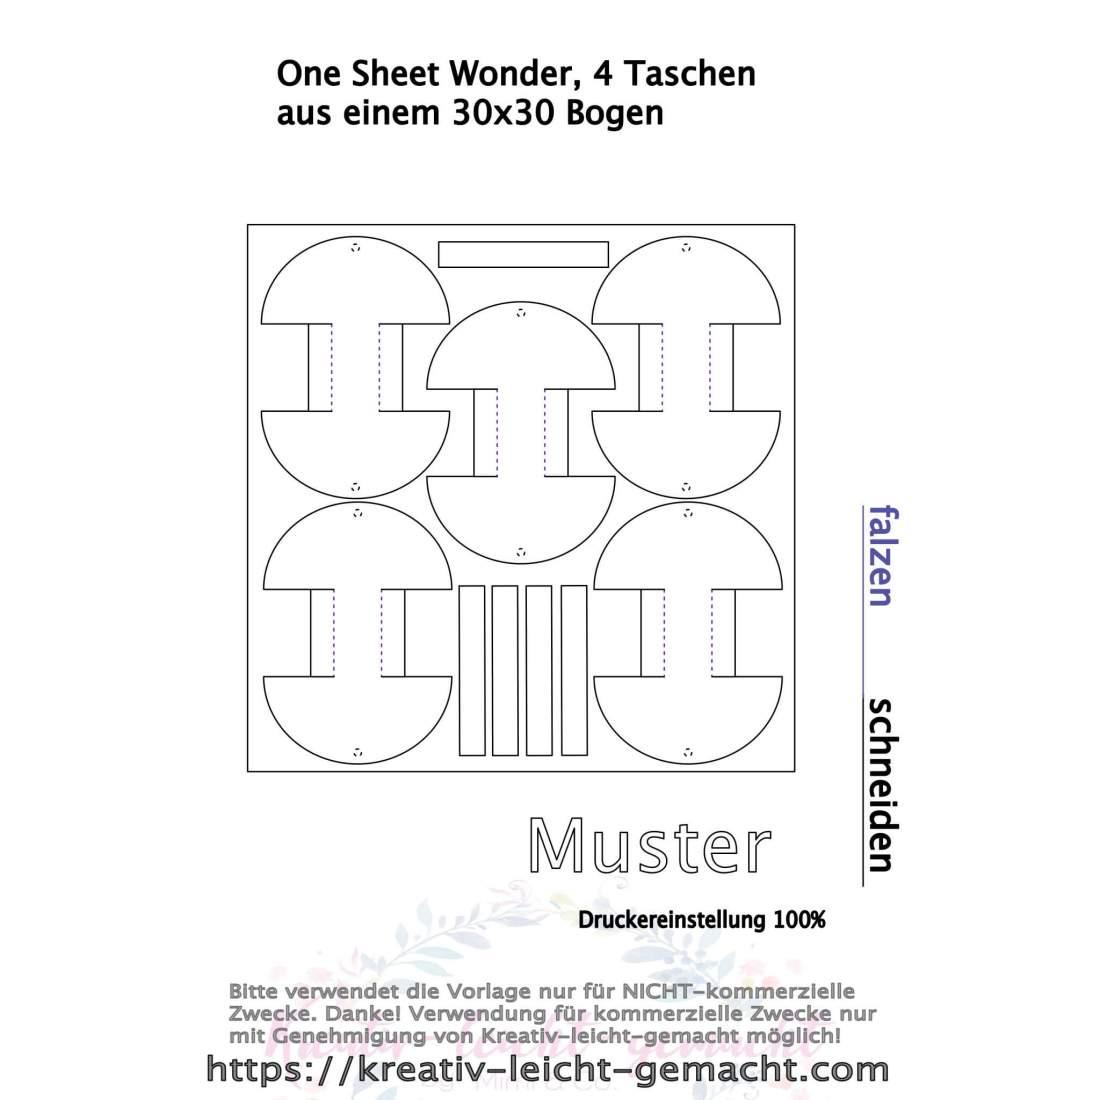 Tutorial: One Sheet Wonder, 4 Taschen aus einem 30x30 Bogen, Schablone FREE, DIY Idee, Stampin up